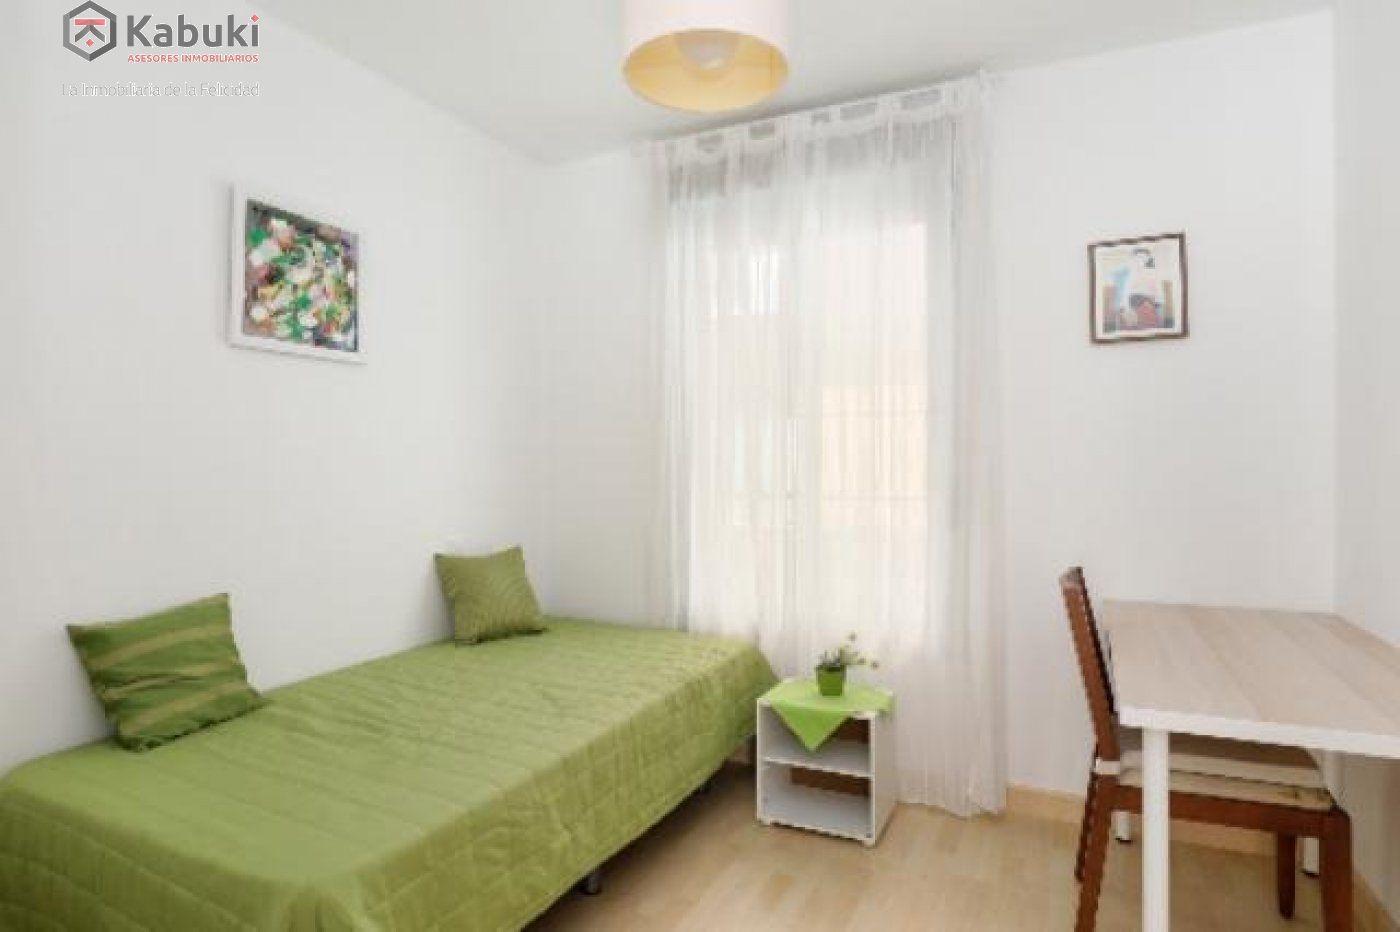 Coqueto y luminoso apartamento en un entorno privilegiado junto a los cahorros - imagenInmueble10